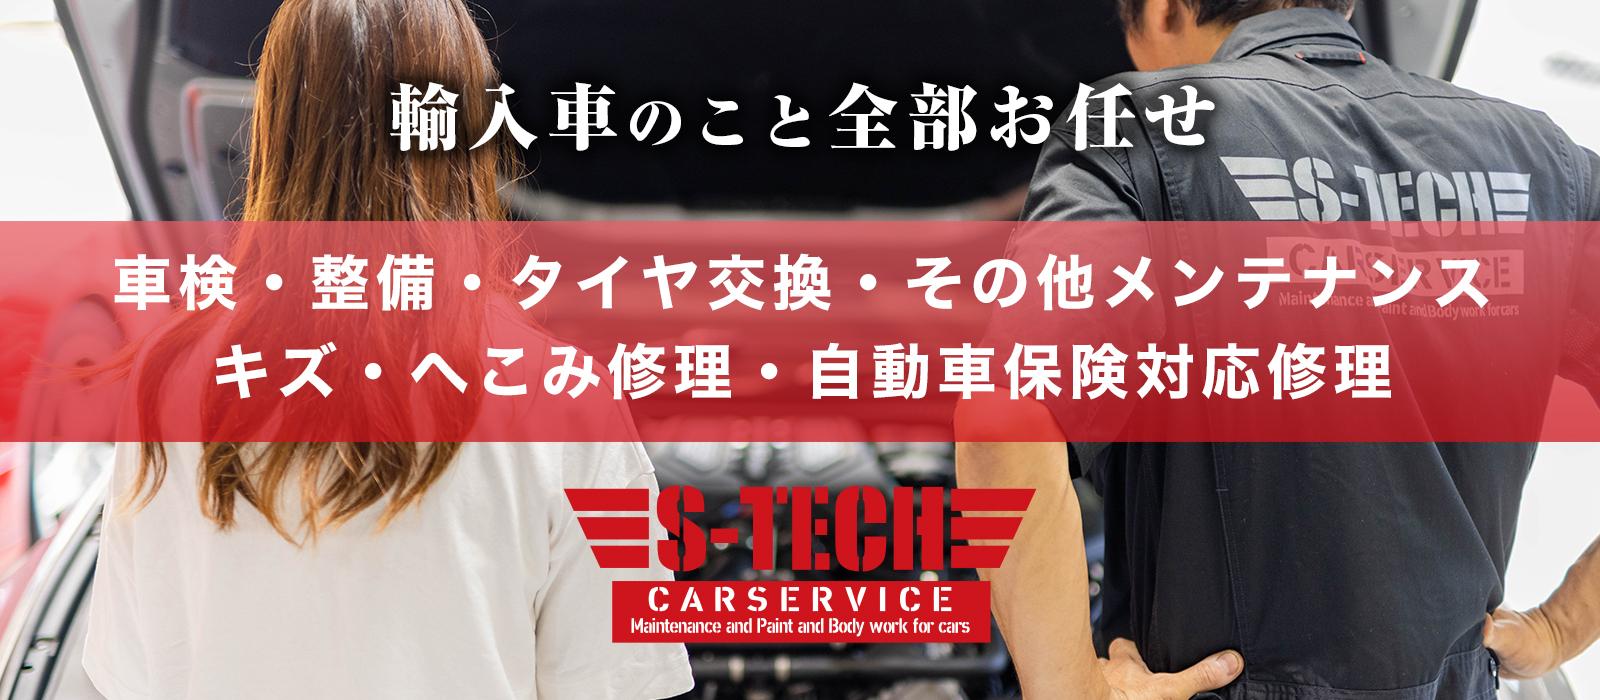 輸入車高級車の修理はS-TECH carservice